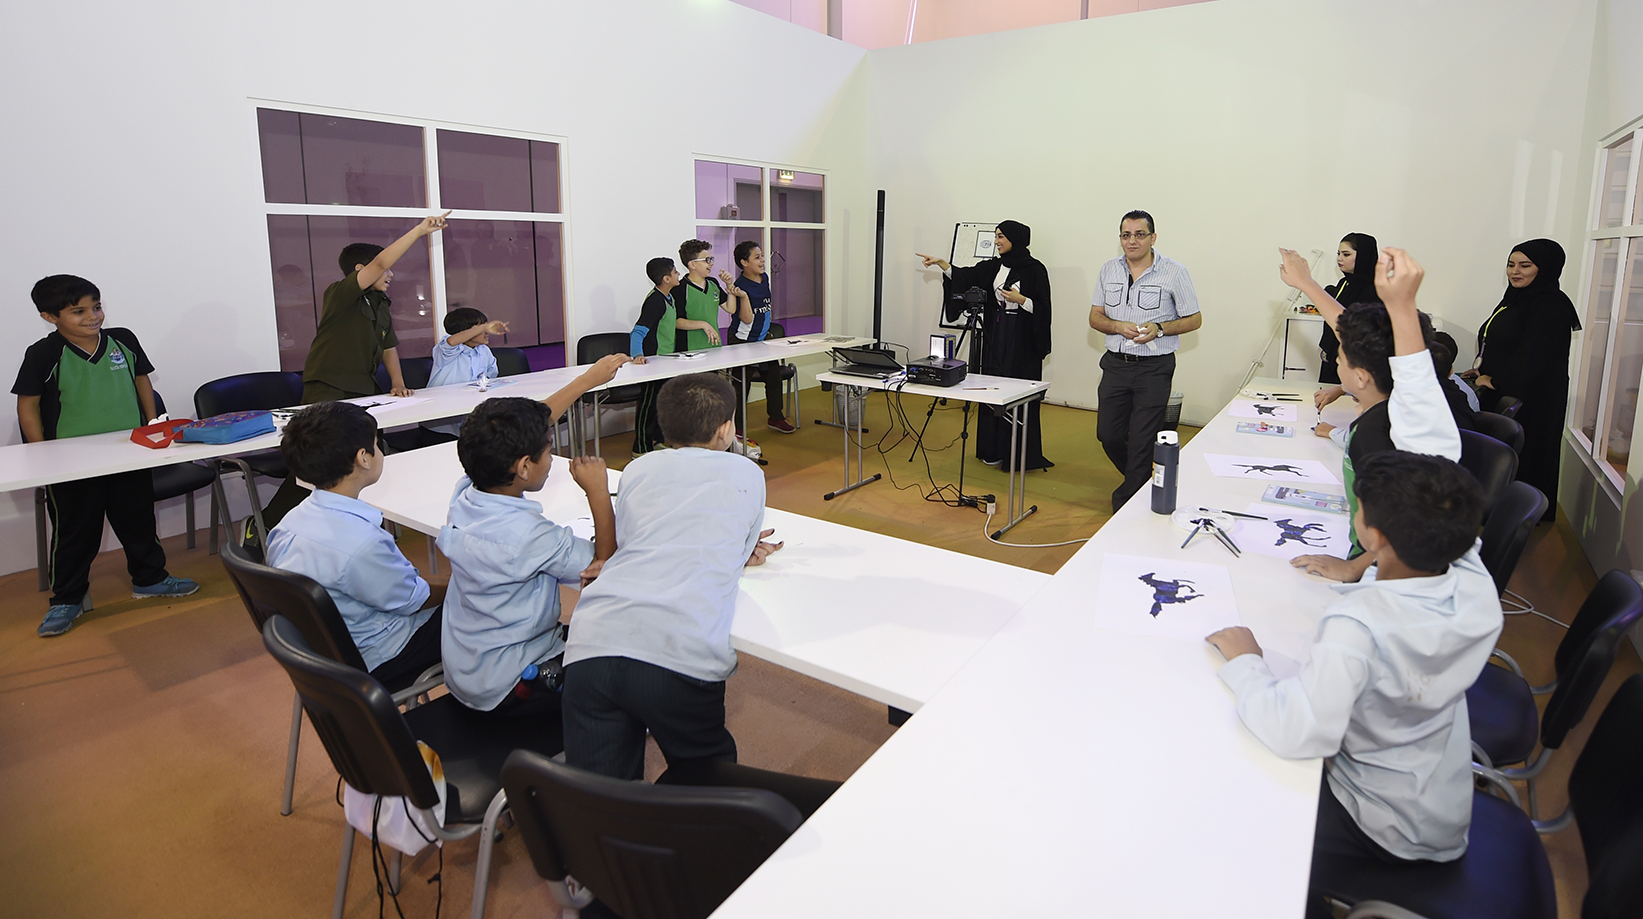 الفنانة كوثر بومطيع خلال تقديمها ورشة في مهرجان الشارقة القرائي للأطفال امس (الخميس)